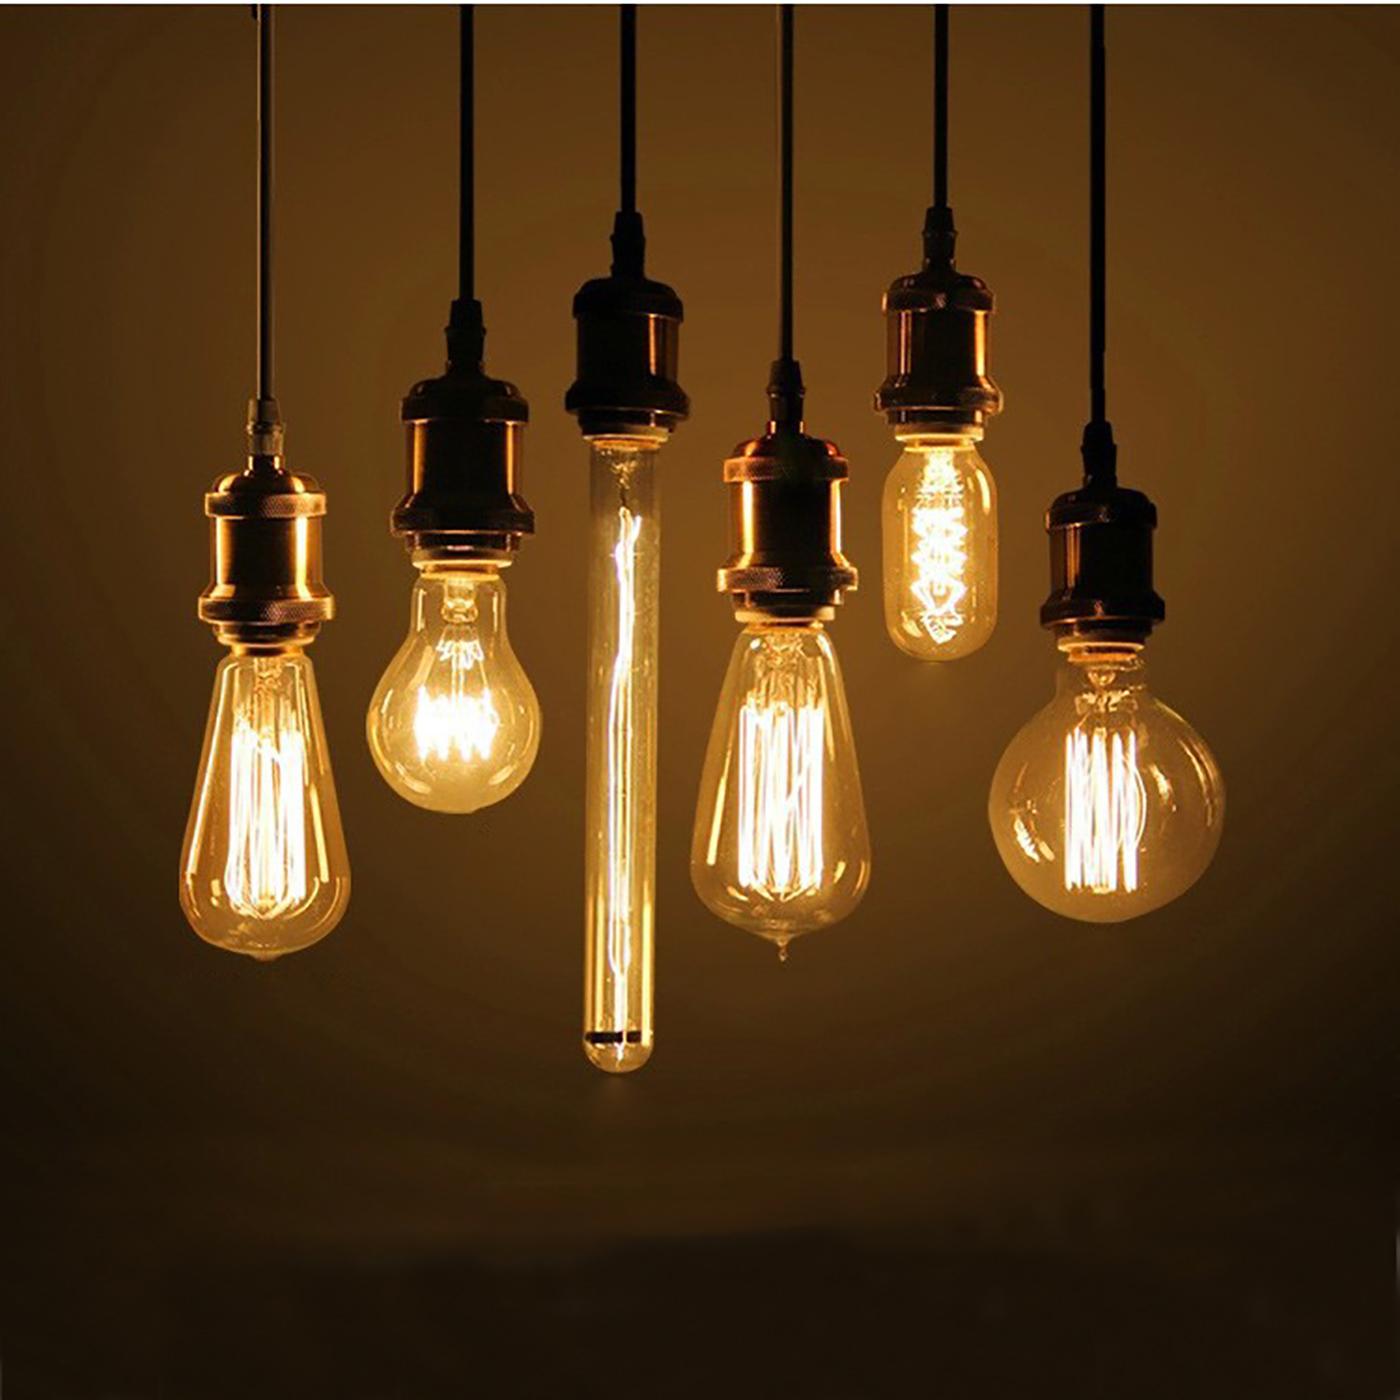 Cavi Per Lampadari A Sospensione.Pendente E27 Vintage Retro Portalampada Cavo Telato Lampada A